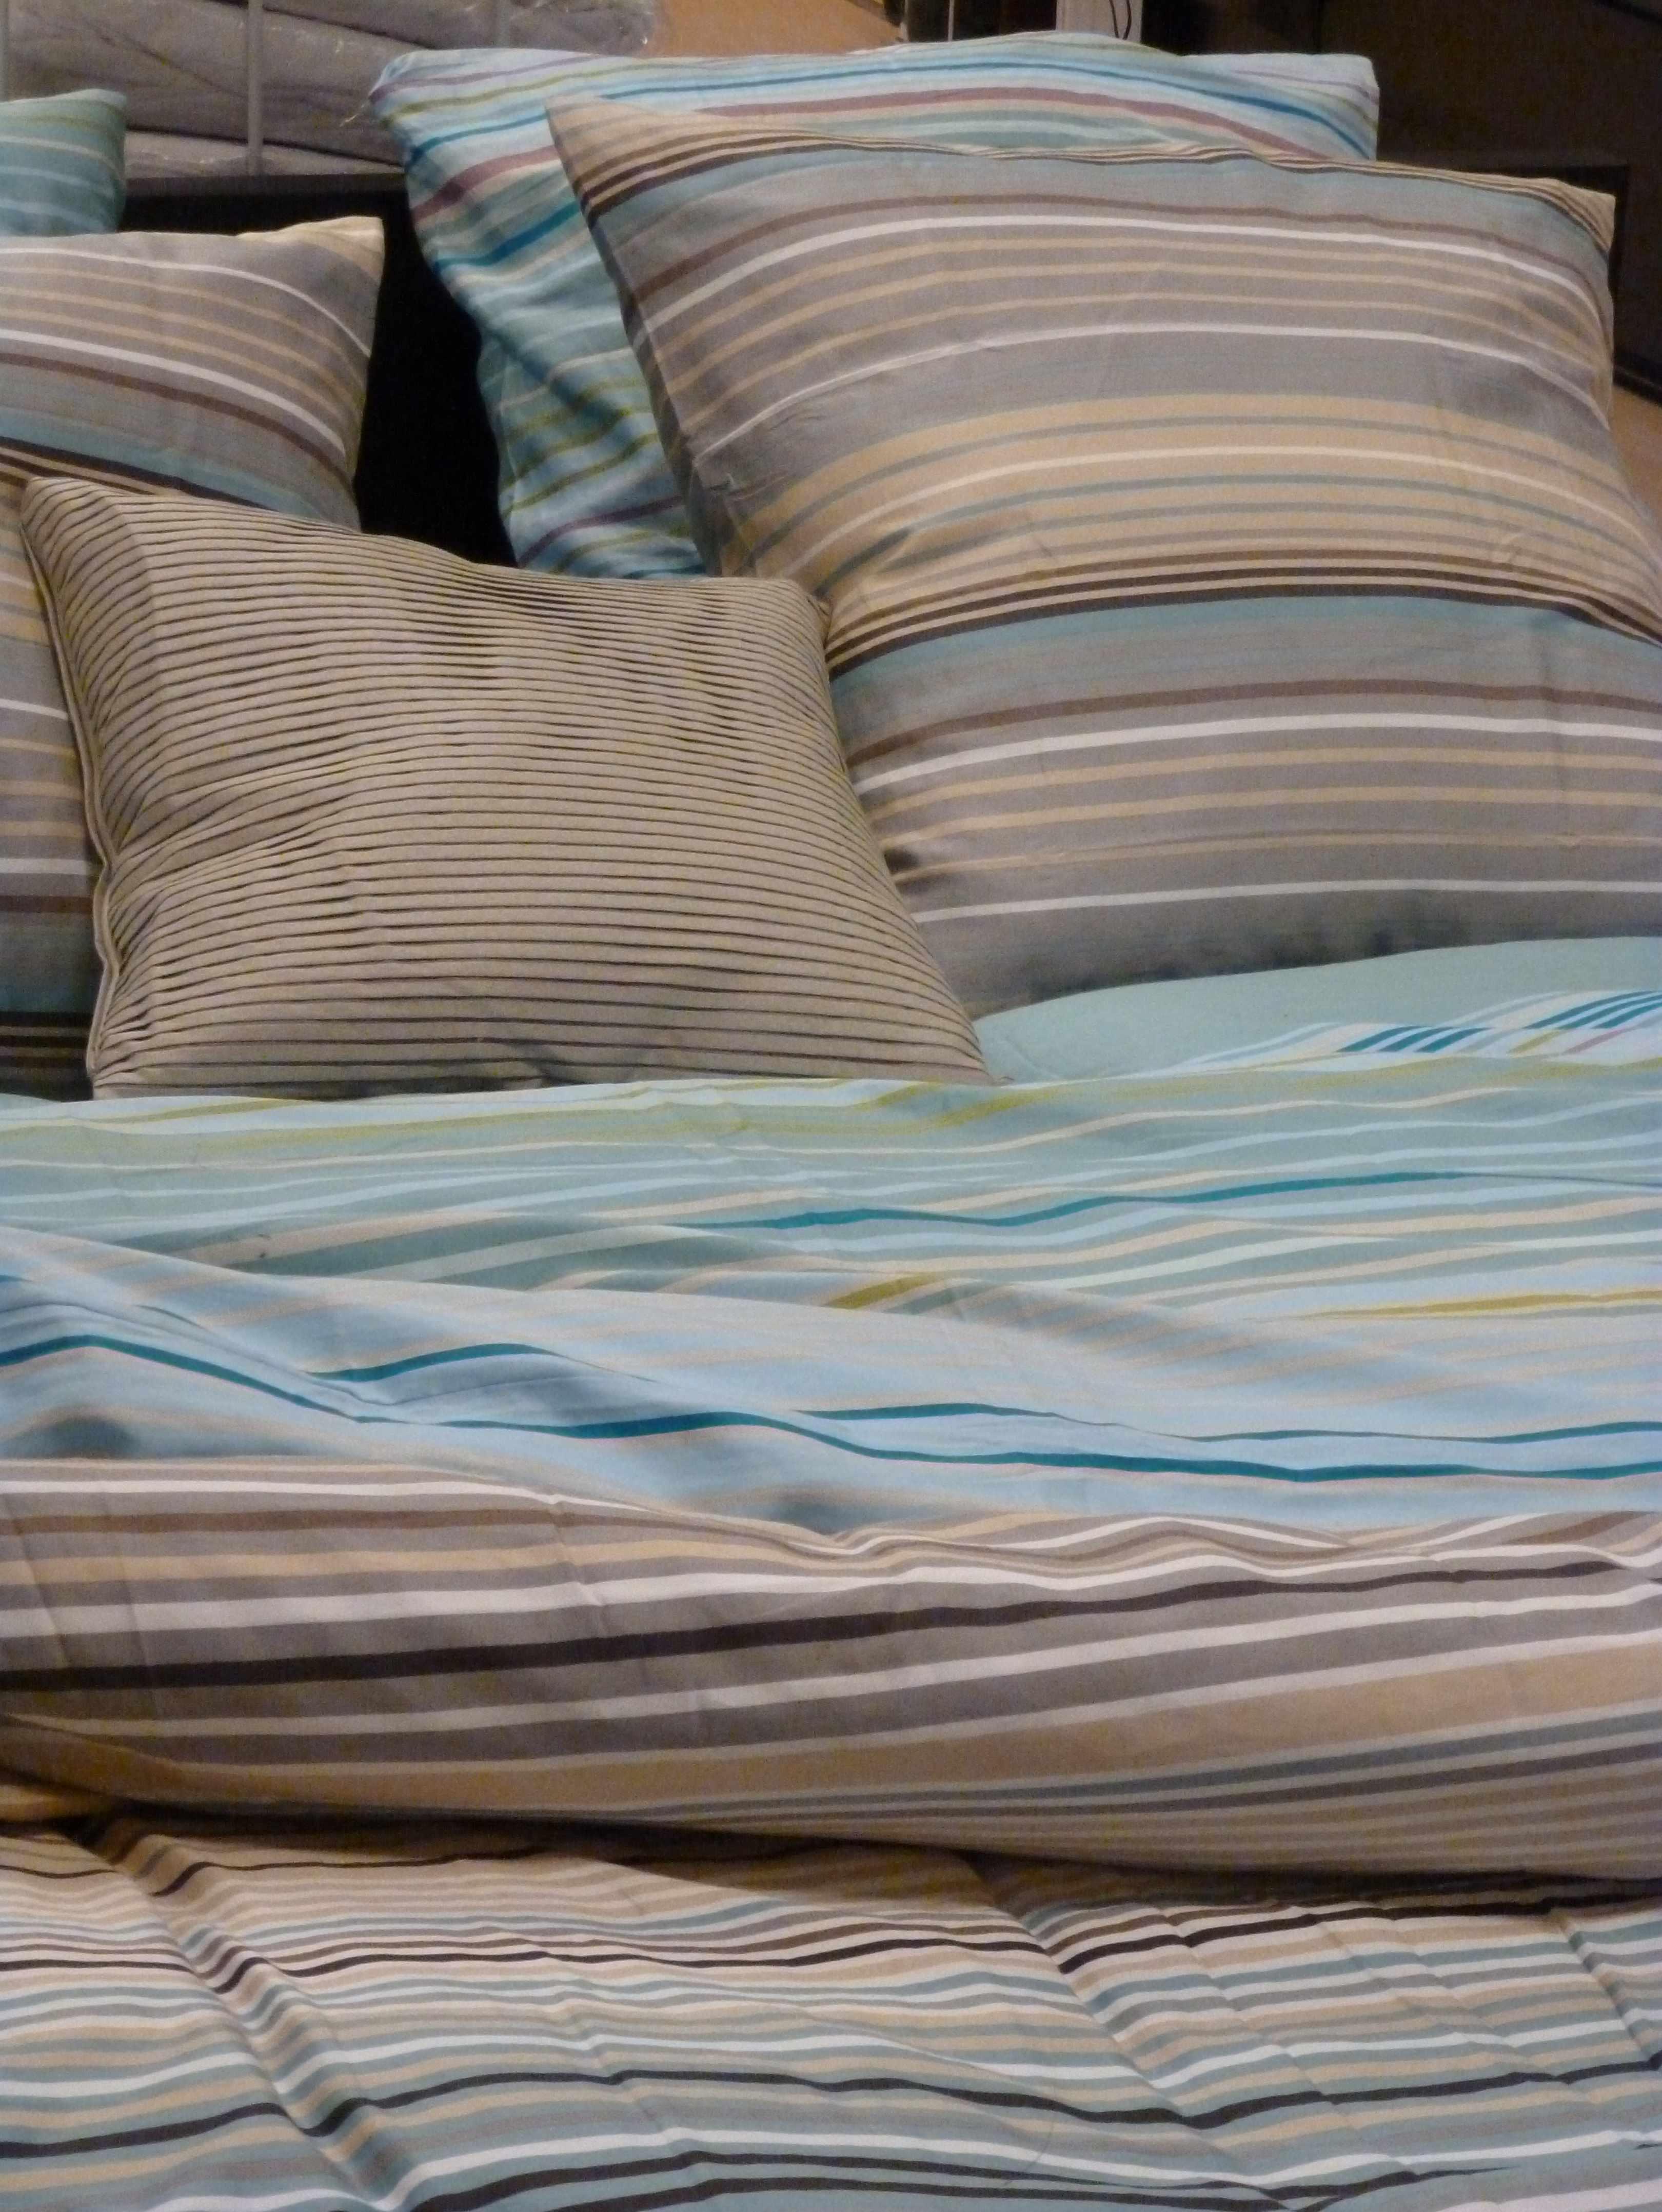 Ikea linge de lit beige-gris-bleu-celadon celadon 02-2013